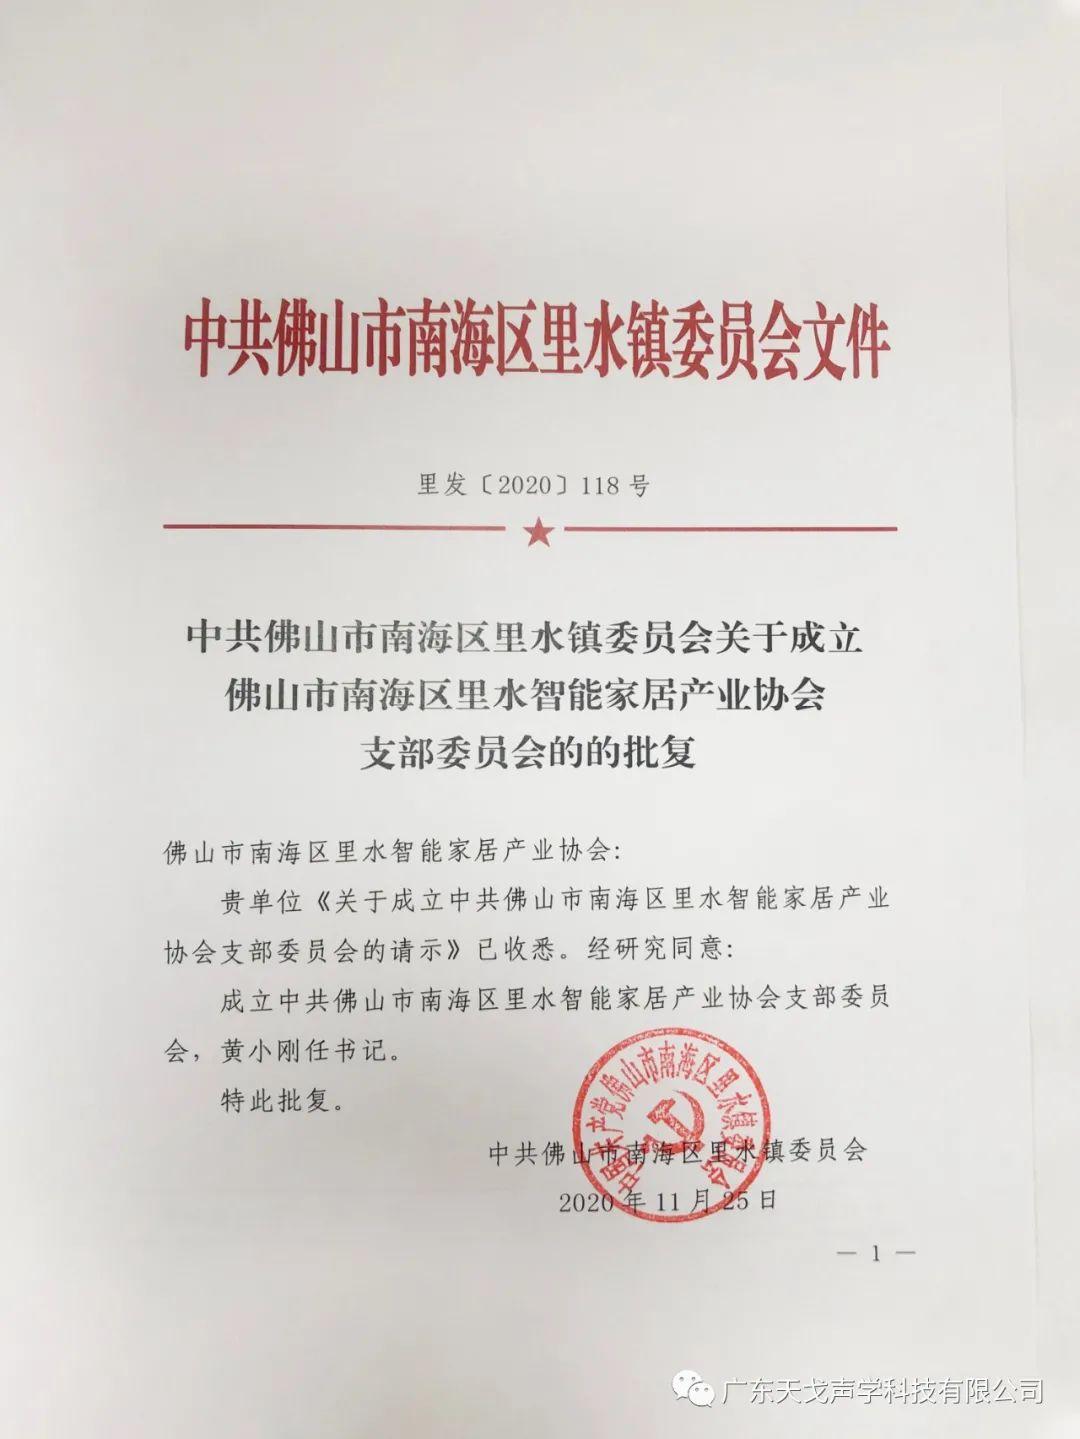 热烈祝贺我司董事长黄小刚先生就任里水智能家居协会党支部书记-2